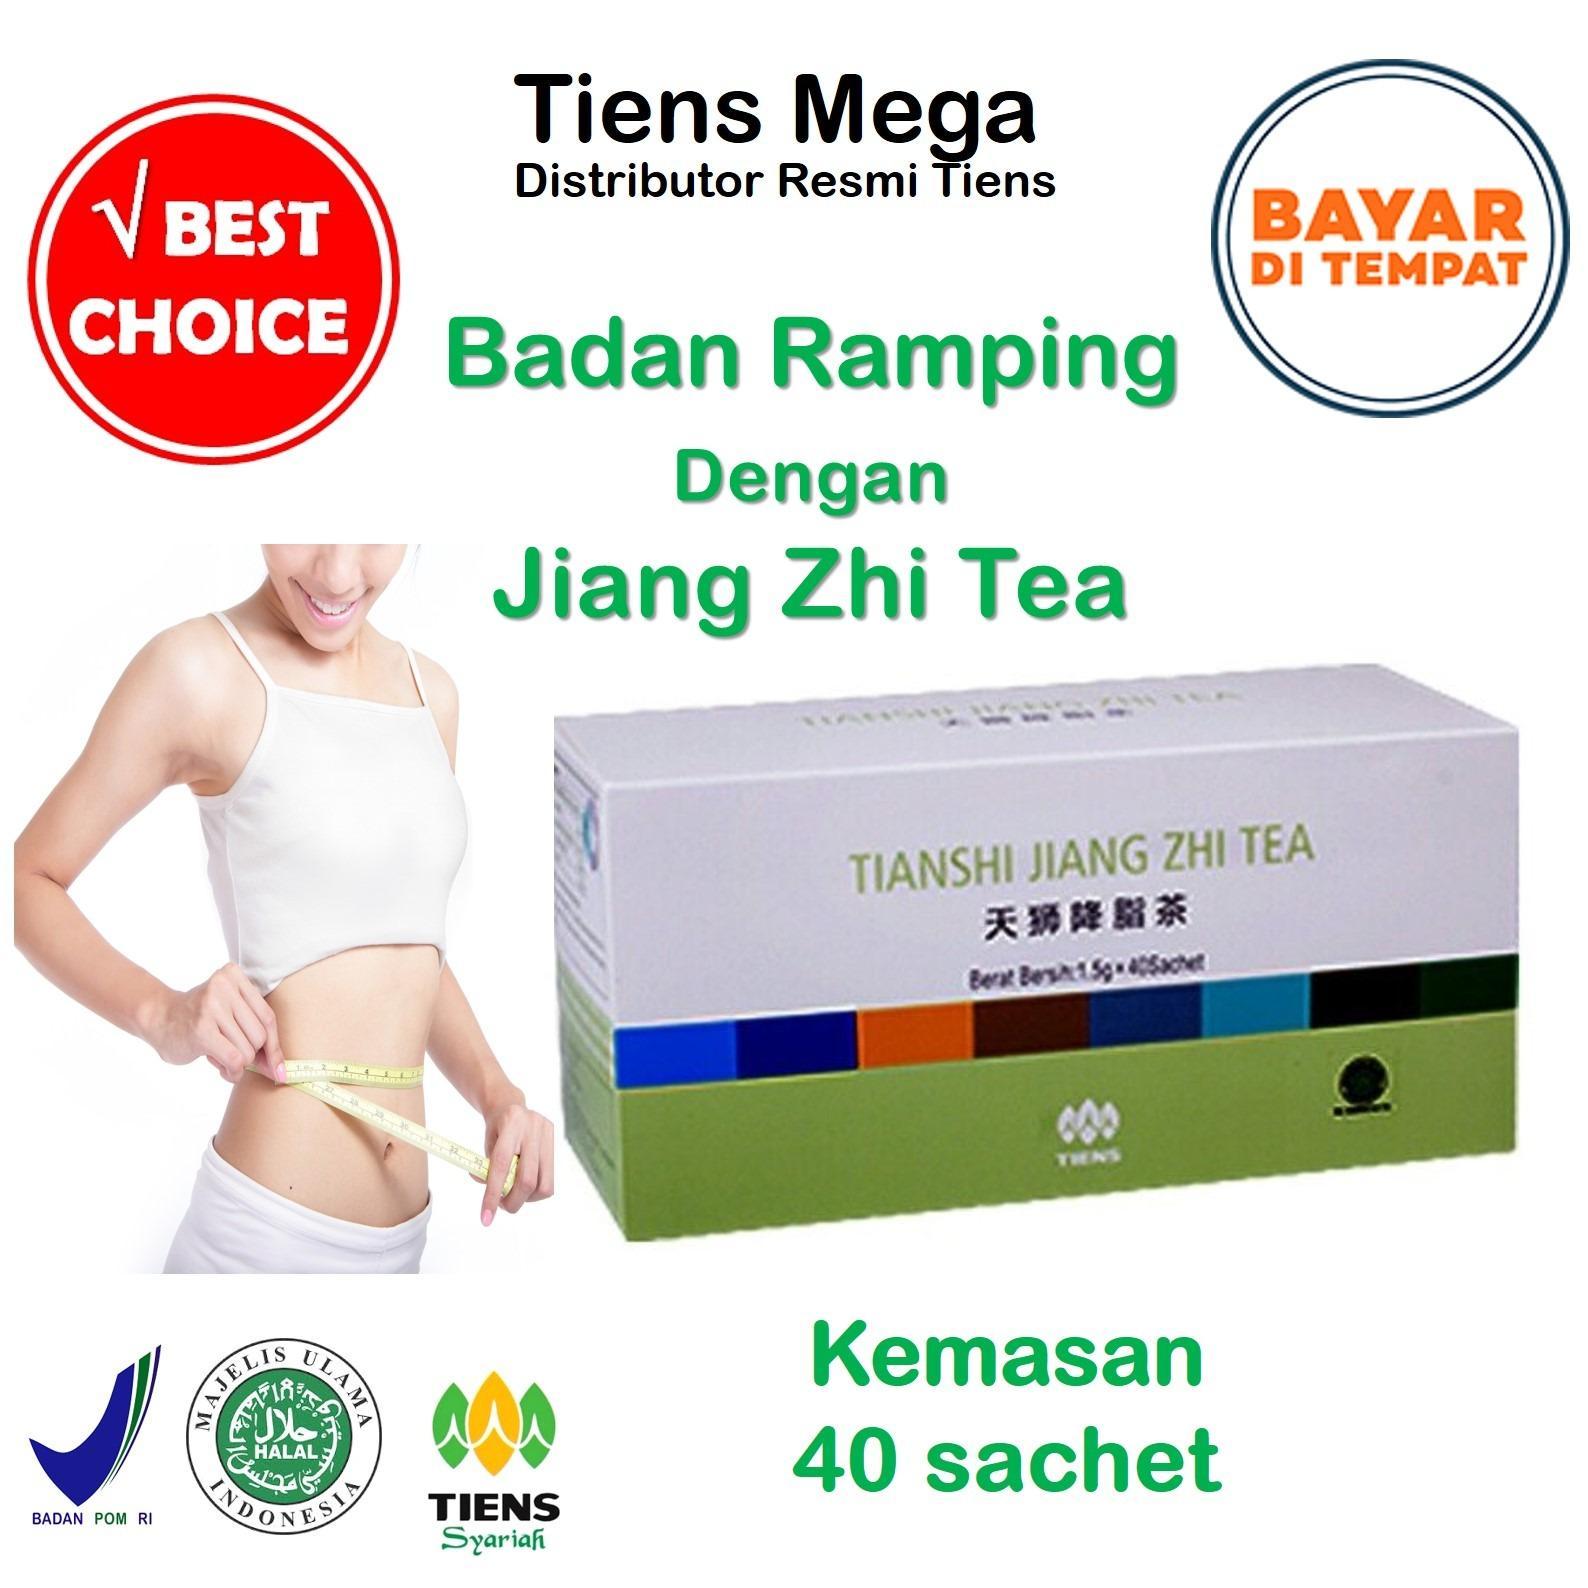 Ongkos Kirim Tiens Teh Pelangsing Jiang Zhi Tea Paket Promo Banting Harga 40 Sachet Gratis Kartu Diskon Tiens Mega Di Indonesia